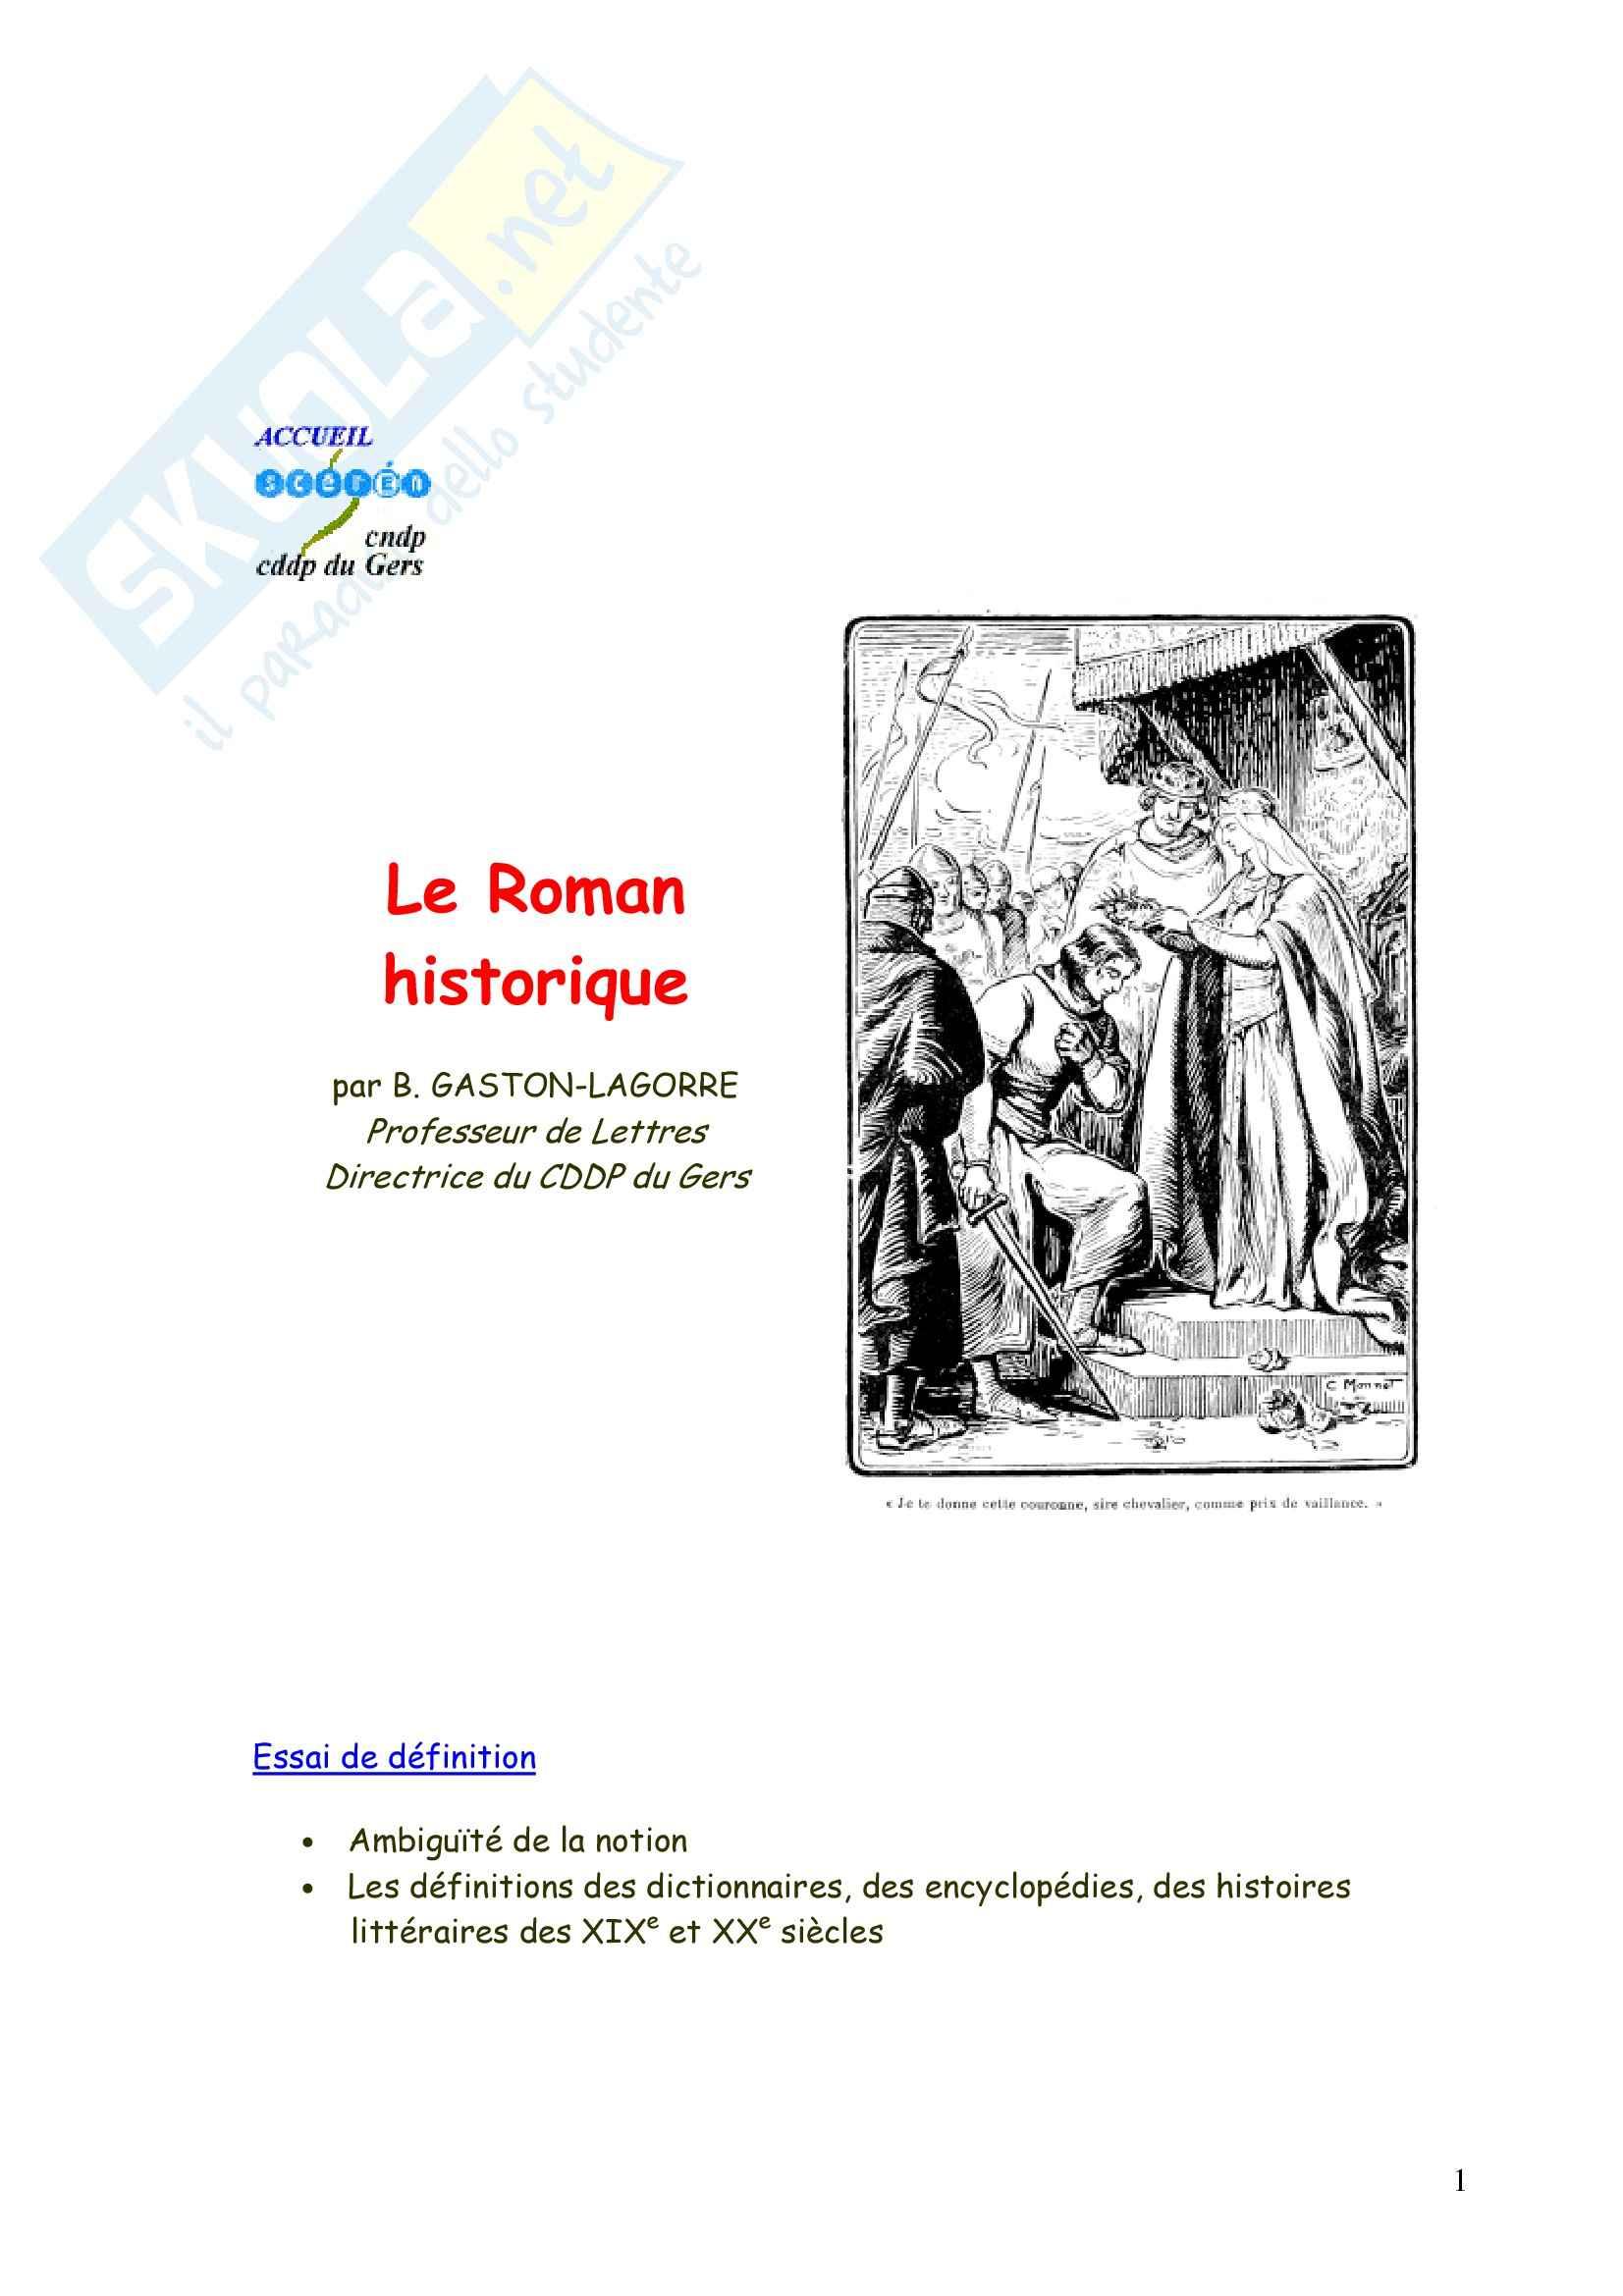 Le Roman historique